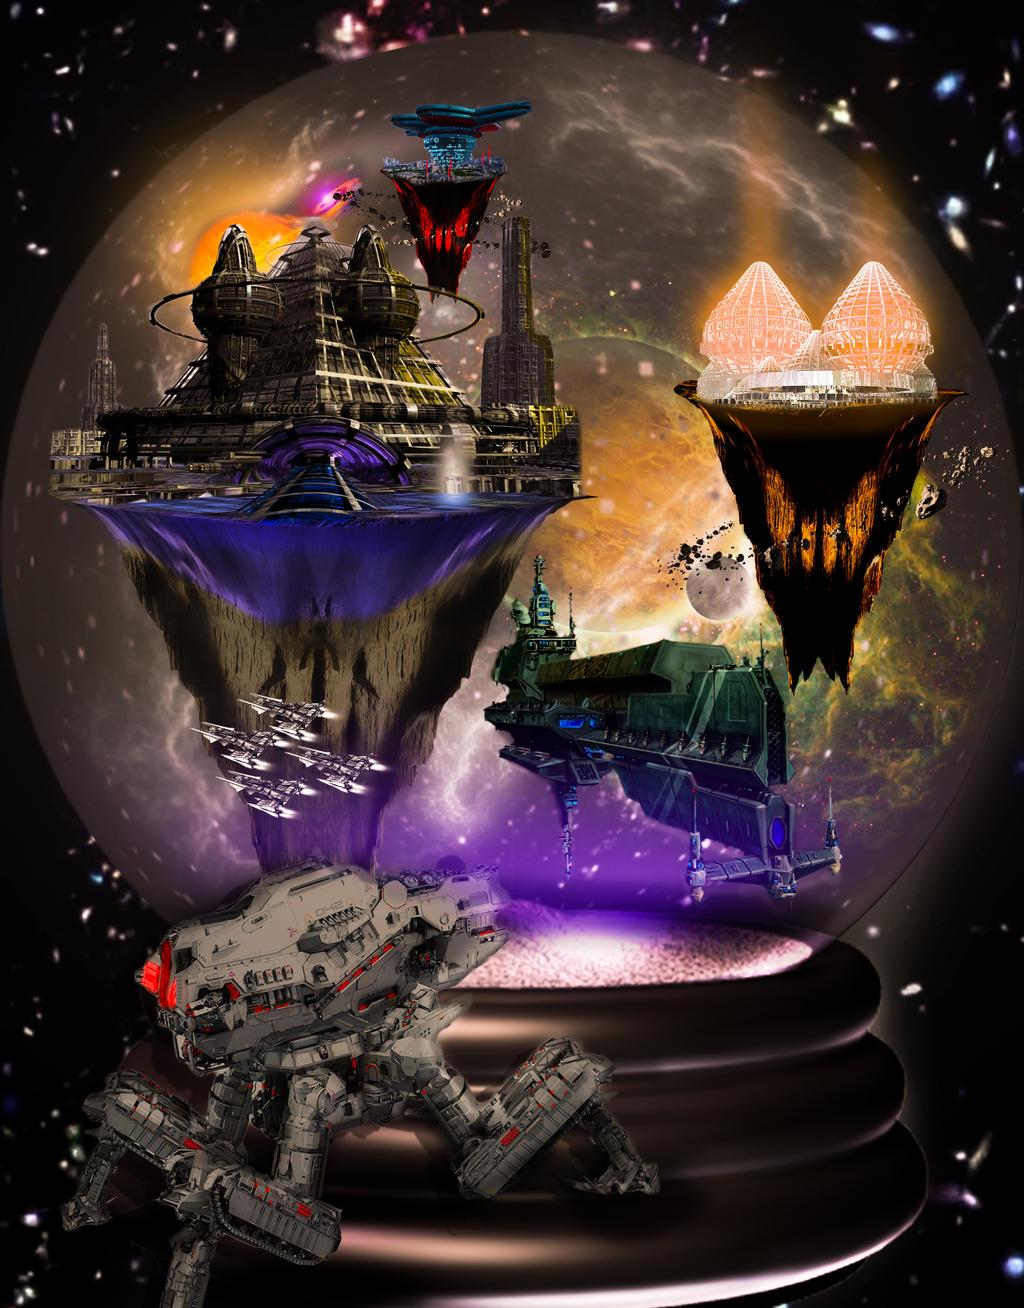 Spacecityglobe